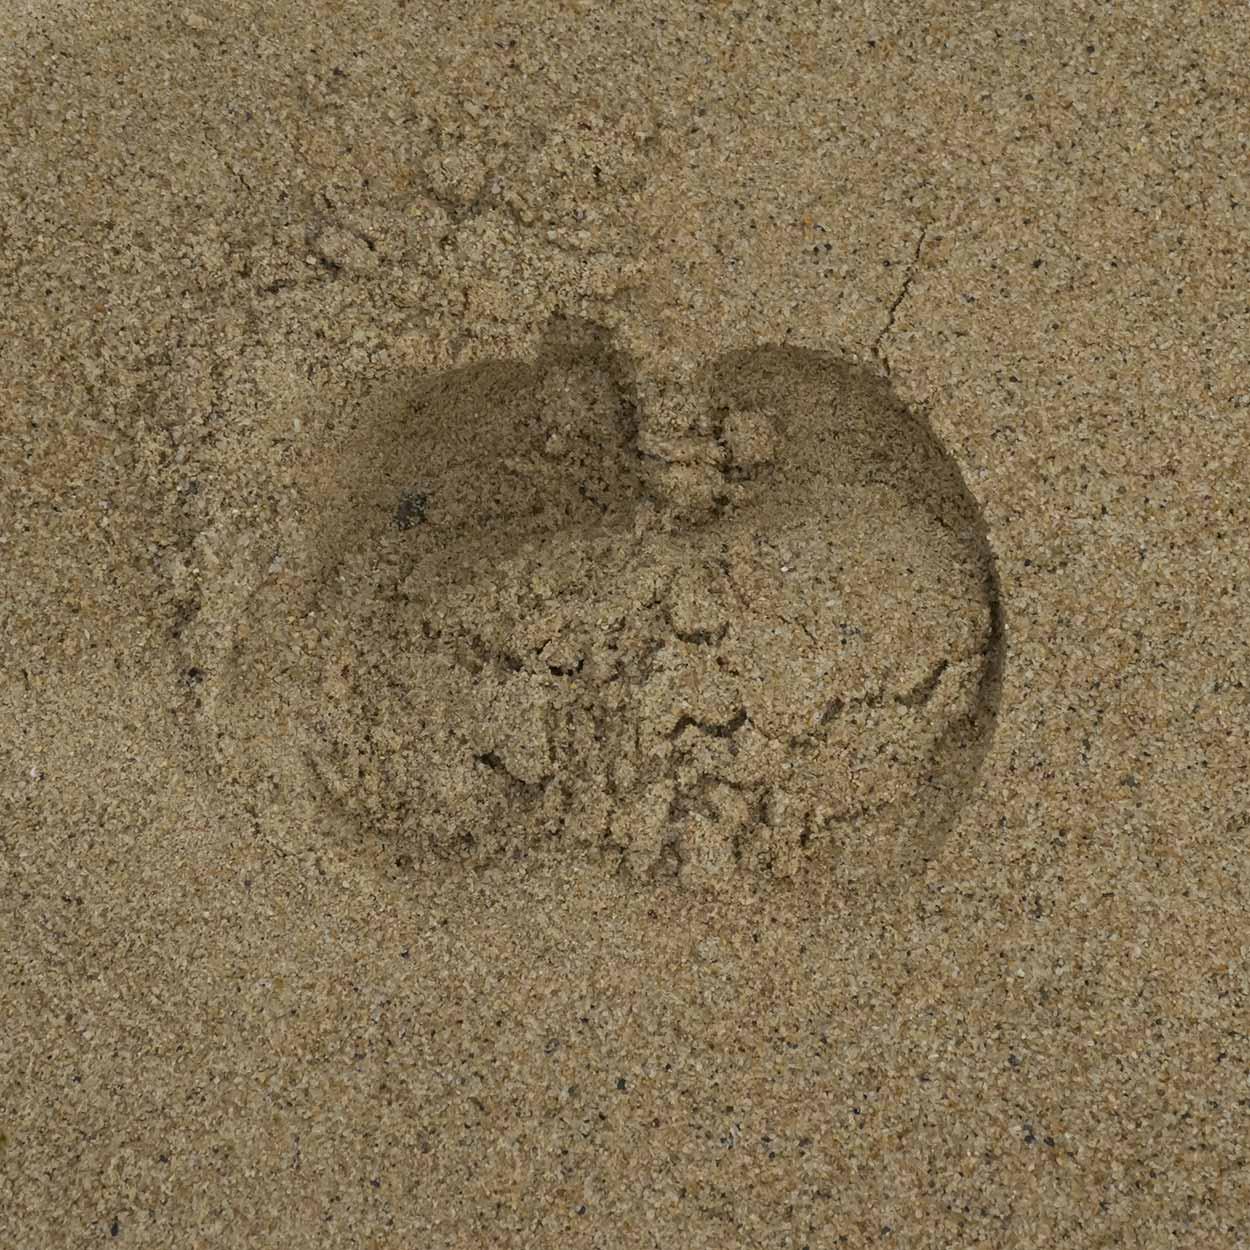 Water buffalo foot print in the sand, Chi Ma Wan Country Trail, Lantau Island, Hong Kong, China